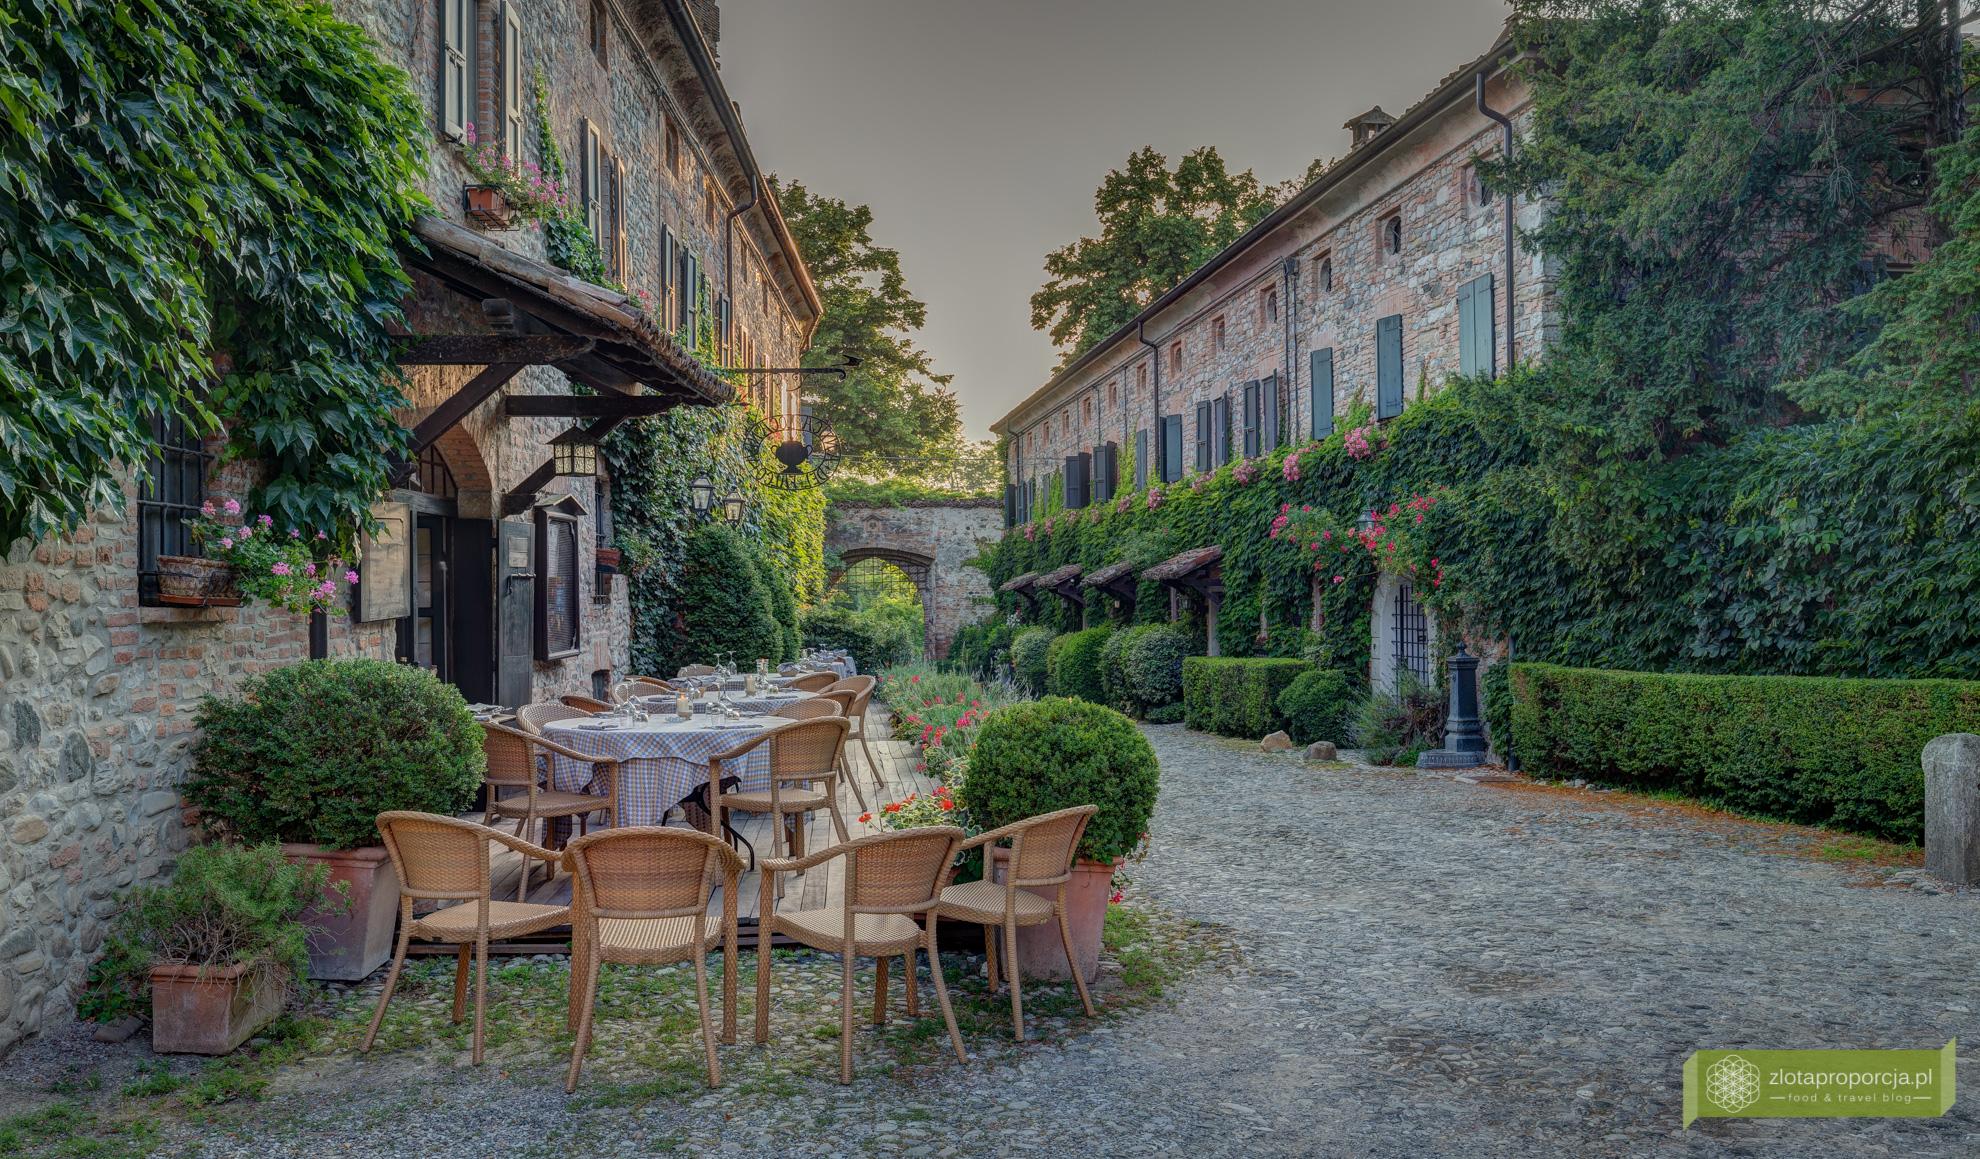 Castello di Rivalta, zamek, Piacenza, Emilia Romania